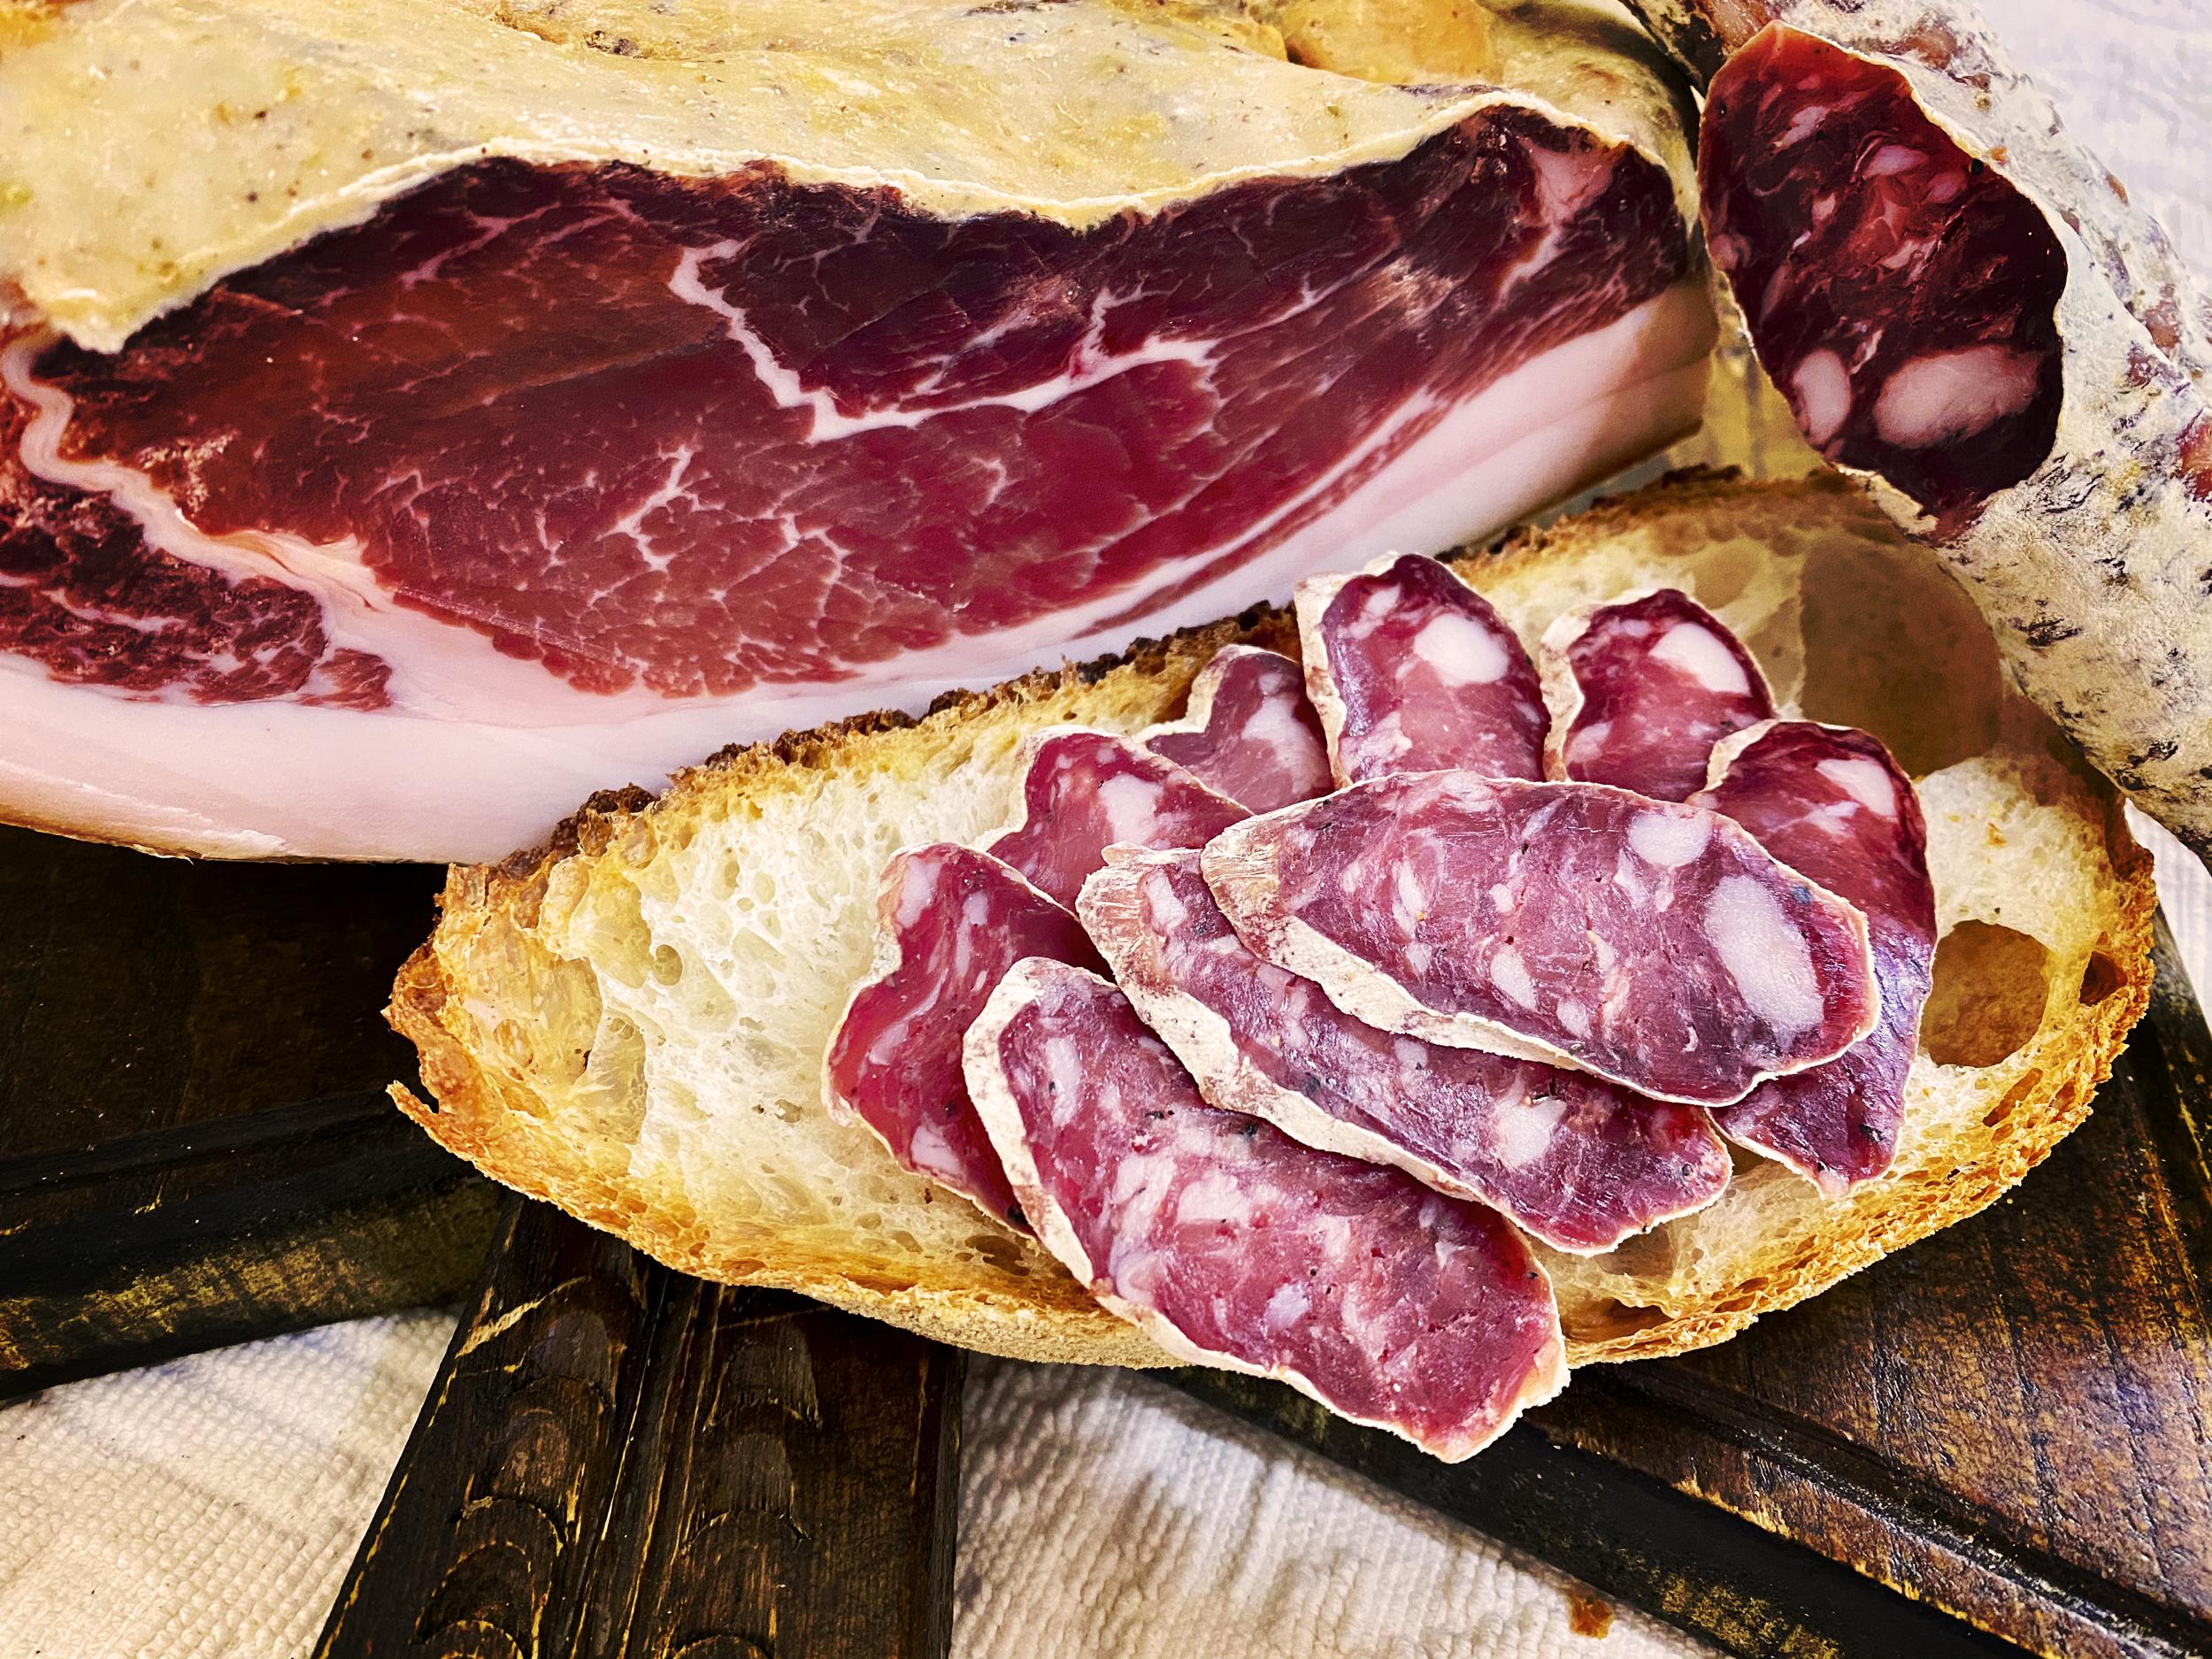 Solo carni SARDE selezionate, garantite e certificate